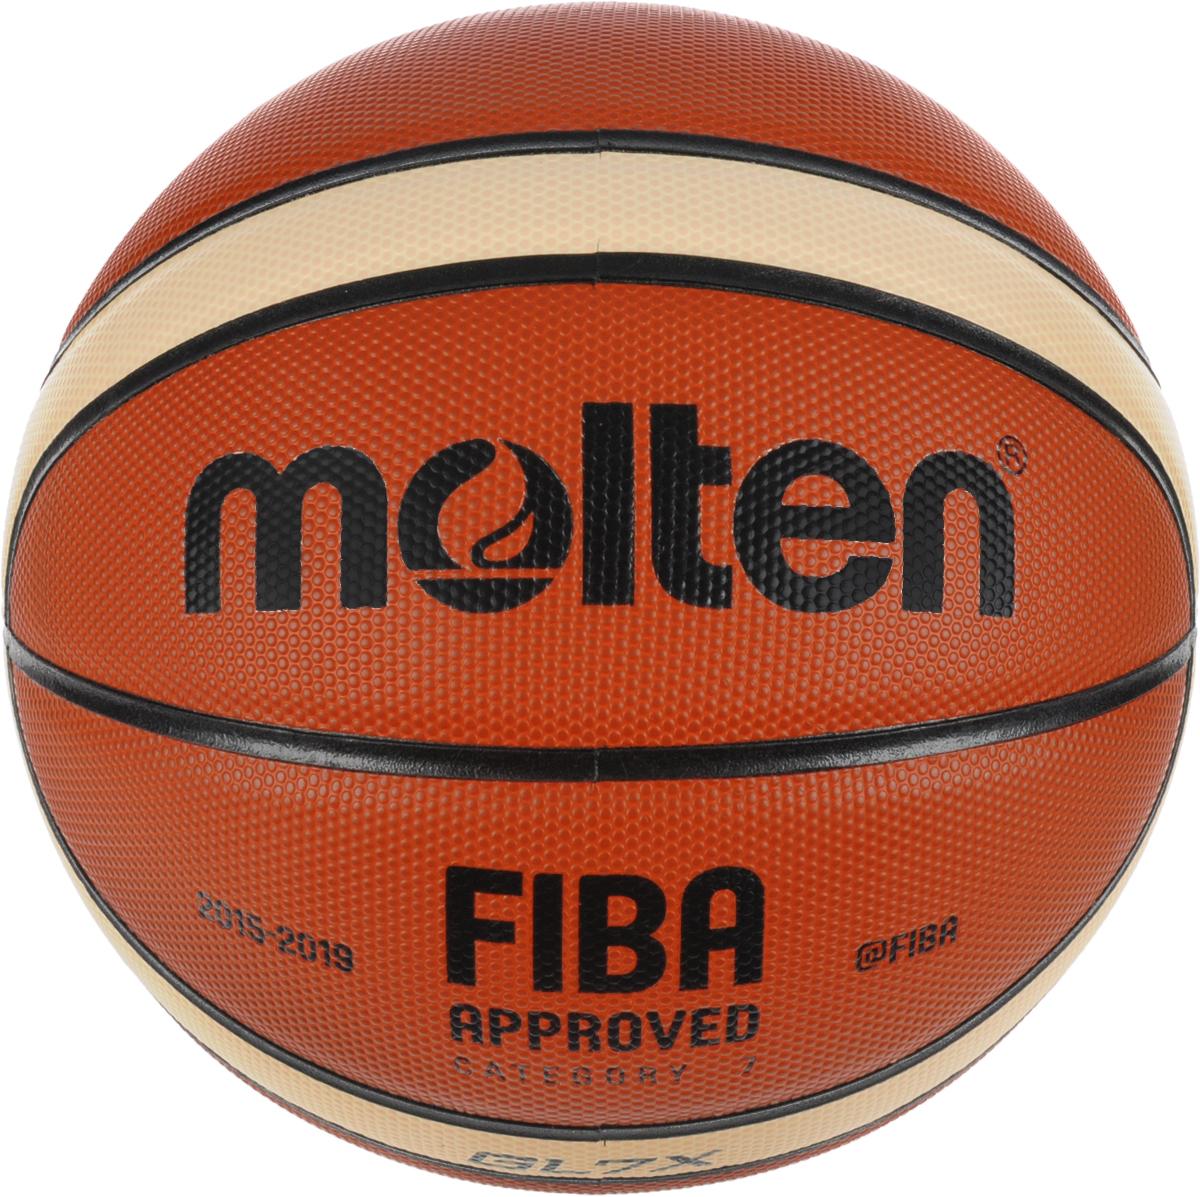 Мяч баскетбольный Molten. Размер 7. BGL7XBGL7XВсе новейшие технологии, применяемые при производстве баскетбольных мячей, нашли свое применение в превосходном мяче Molten. Шероховатая 12-панельная поверхность выполнена из натуральной кожи. Корд изготовлен из нейлона, камера бутиловая. Особенности мяча: Dual-Cushion: снижение отдачи в момент приема мяча при сохранении скорости отскока обычного мяча. Flat-Pebble Surface и Full-Flat seams (увеличенная площадь соприкосновения руки и мяча) обеспечивают отличный контроль над мячом в любых ситуациях. Одобрен FIBA. Официальный размер и вес.